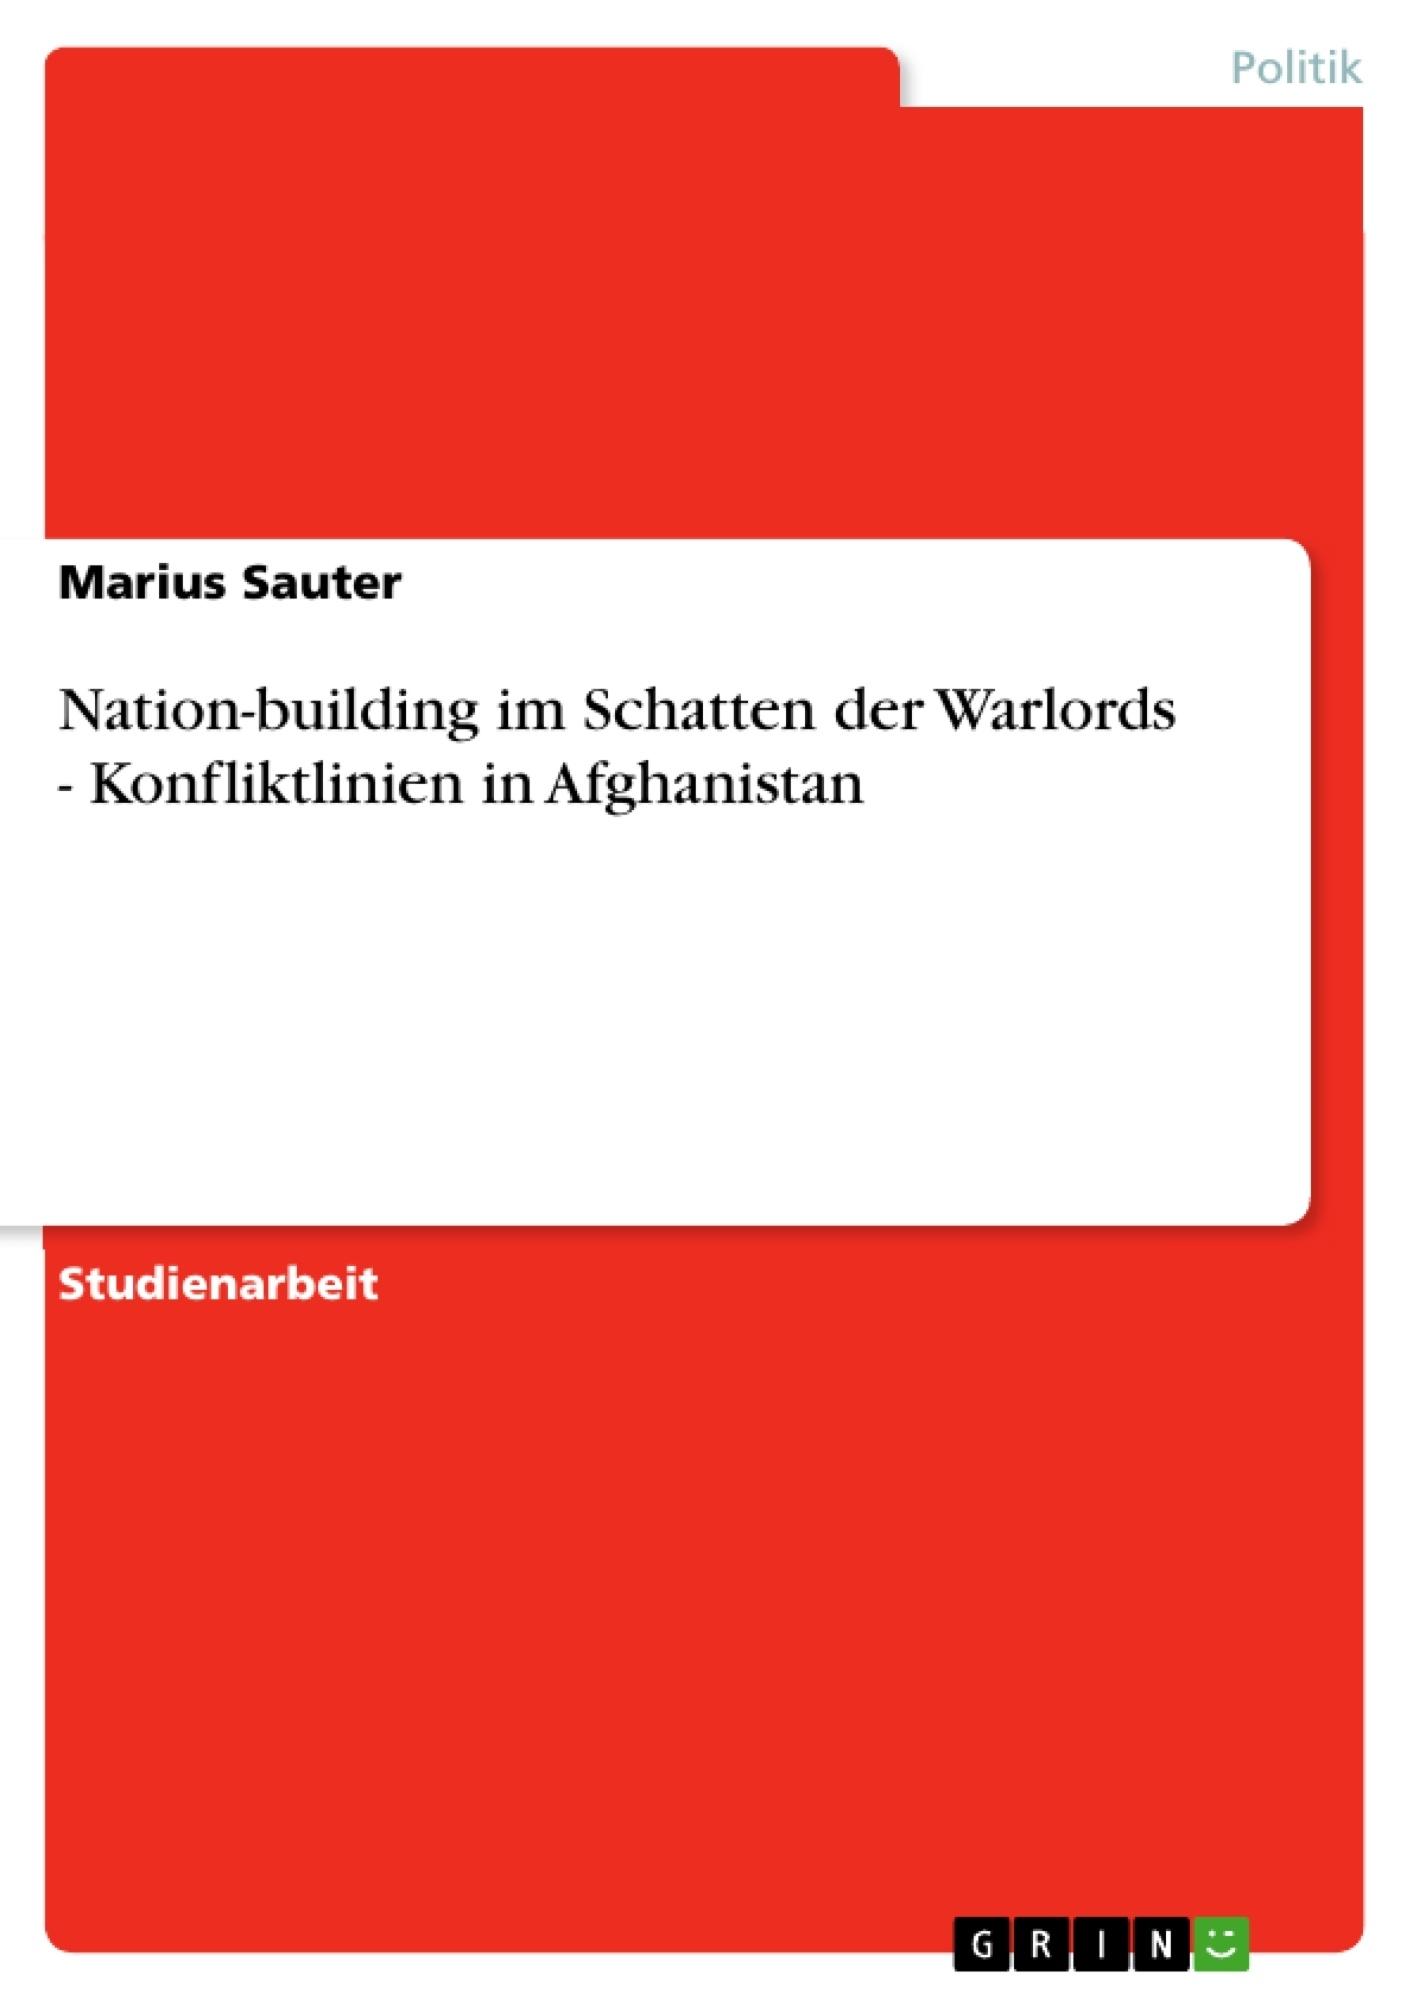 Titel: Nation-building im Schatten der Warlords -  Konfliktlinien in Afghanistan